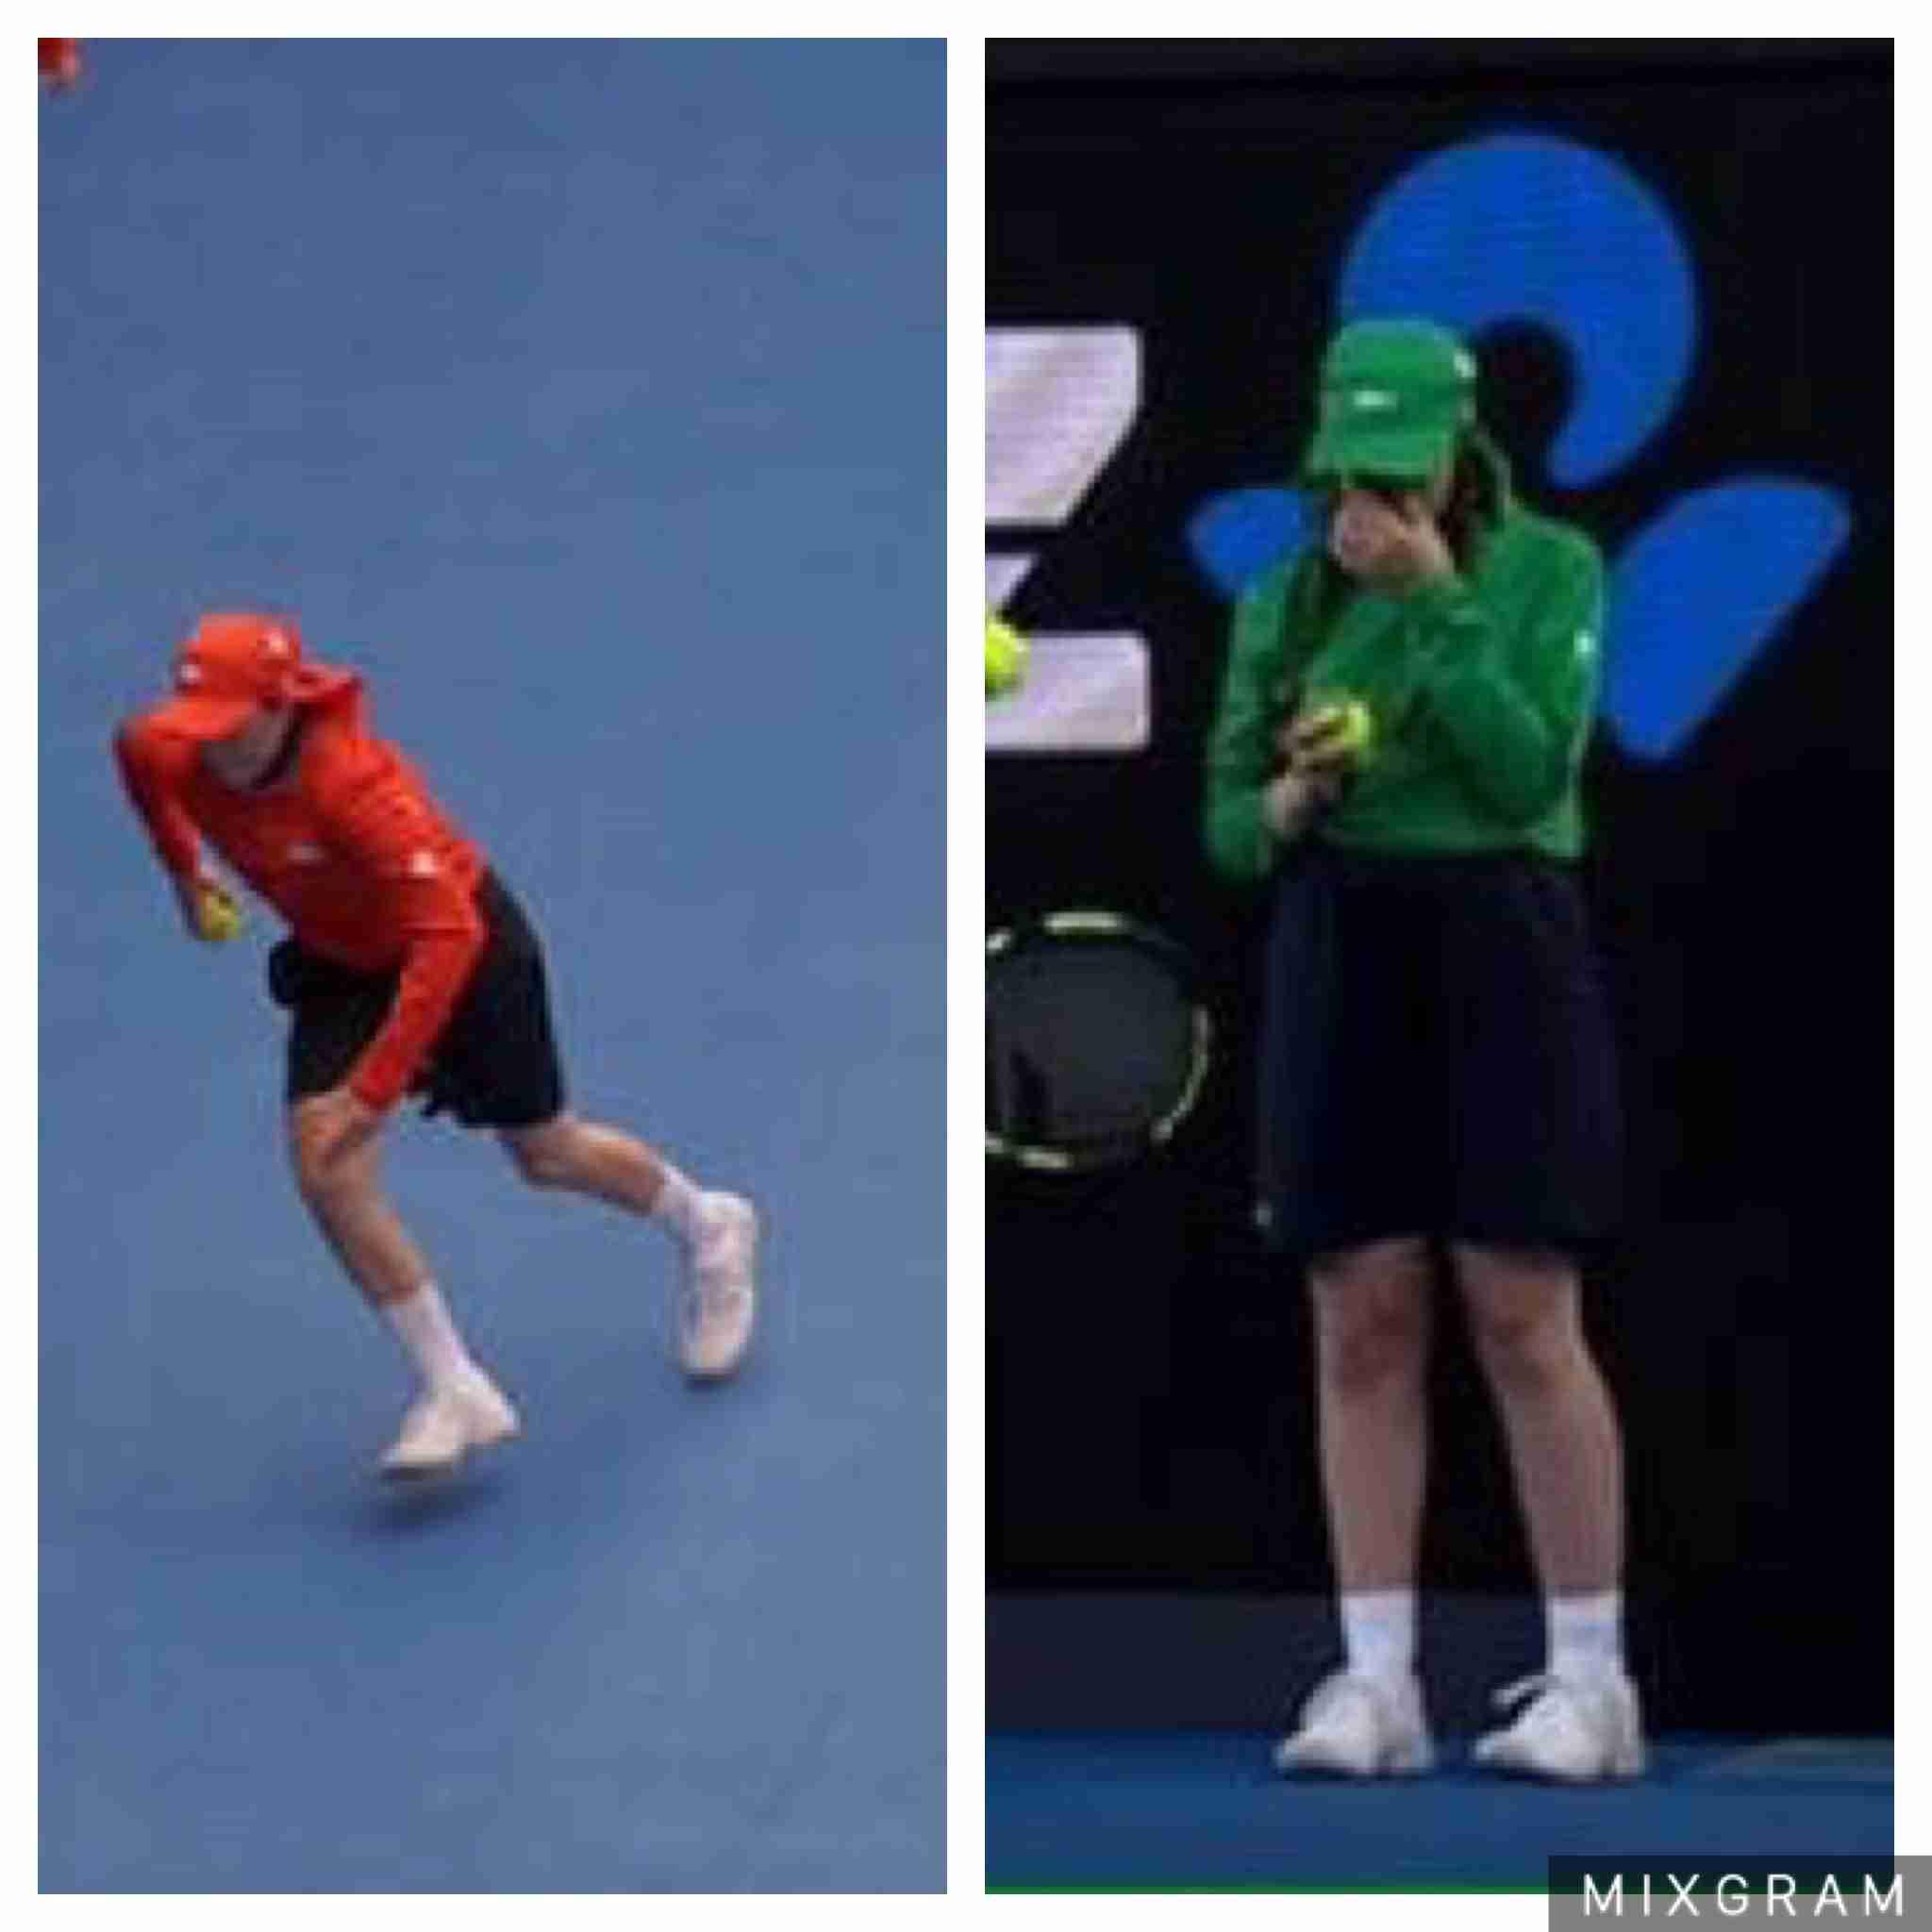 【実況・感想】テニス全豪オープン 錦織圭vsルカシュ・ラツコ